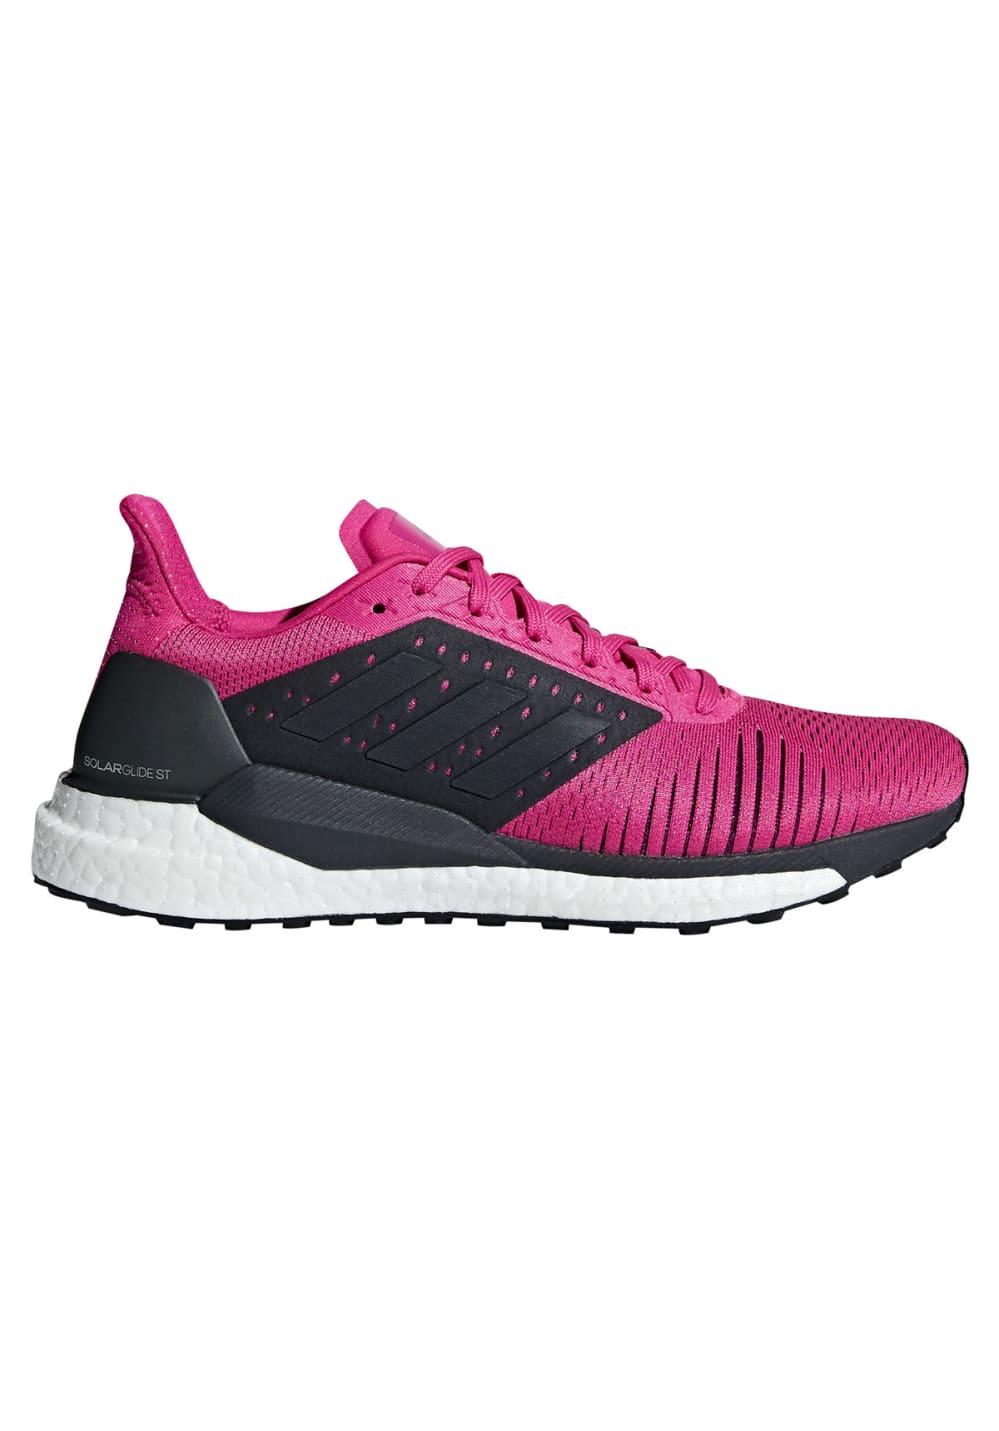 adidas Solar Glide St - Laufschuhe für Damen - Pink